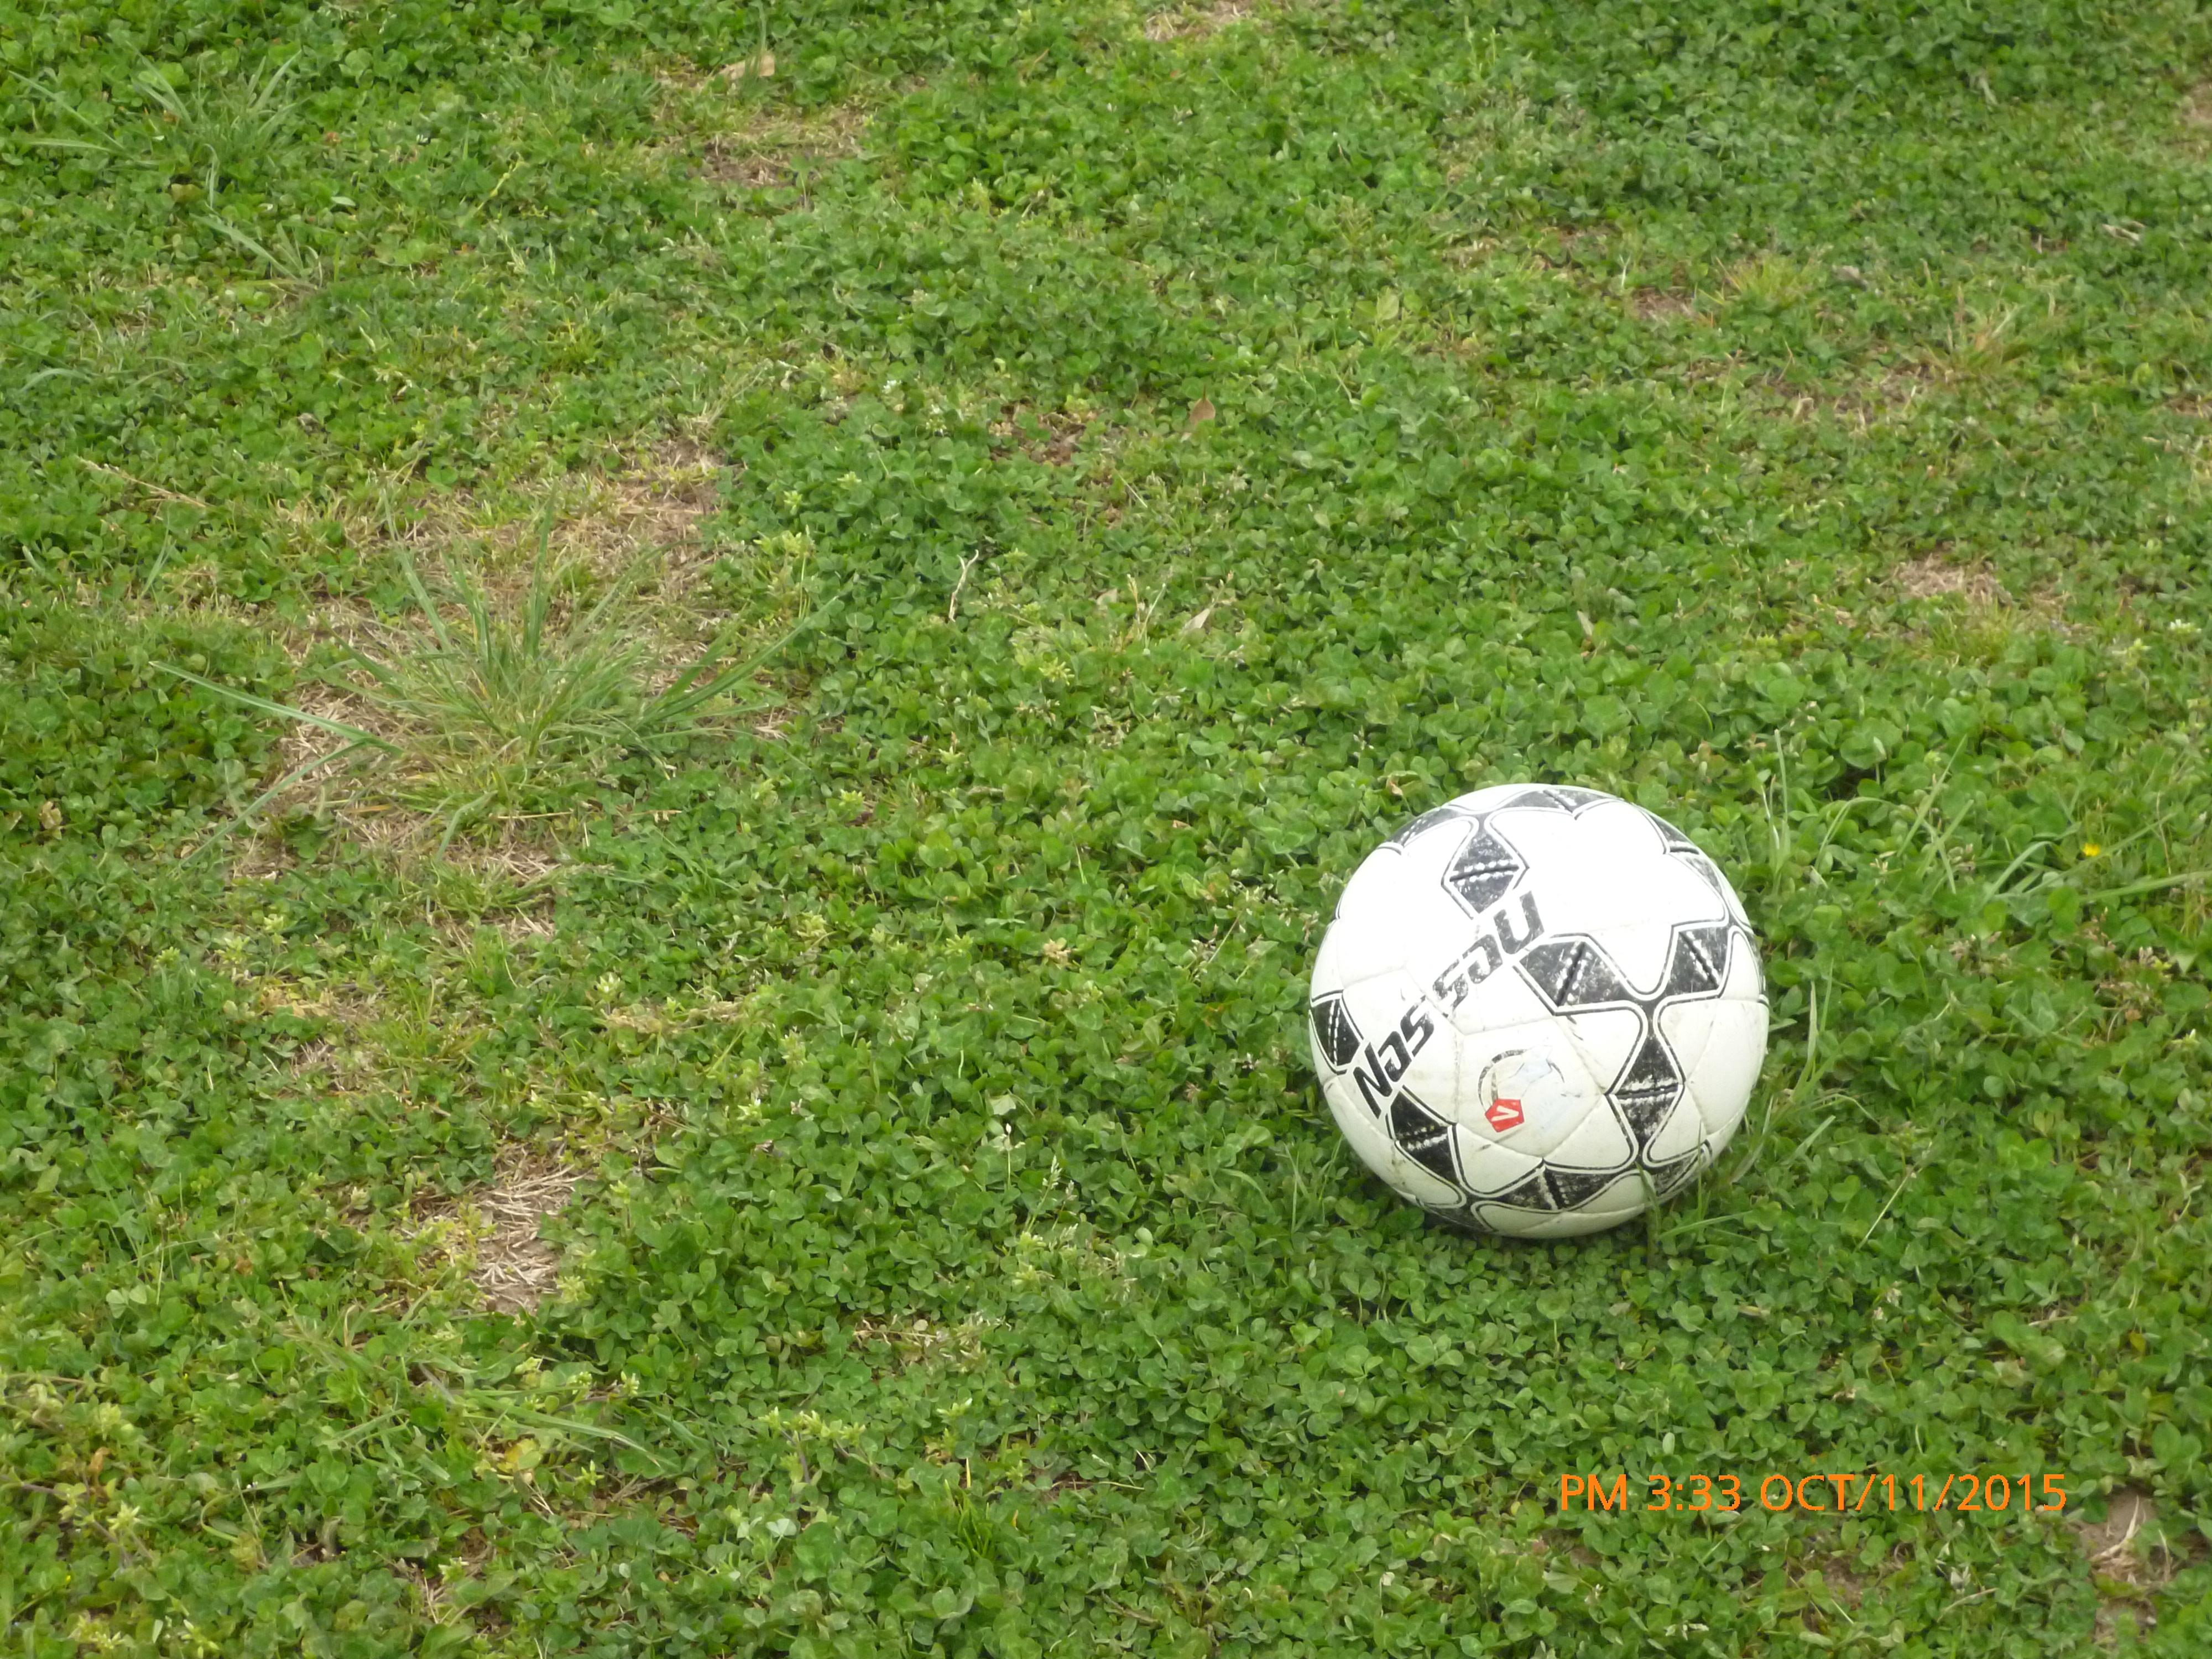 LRF - El domingo 29 se juega la próxima fecha de Primera División-.